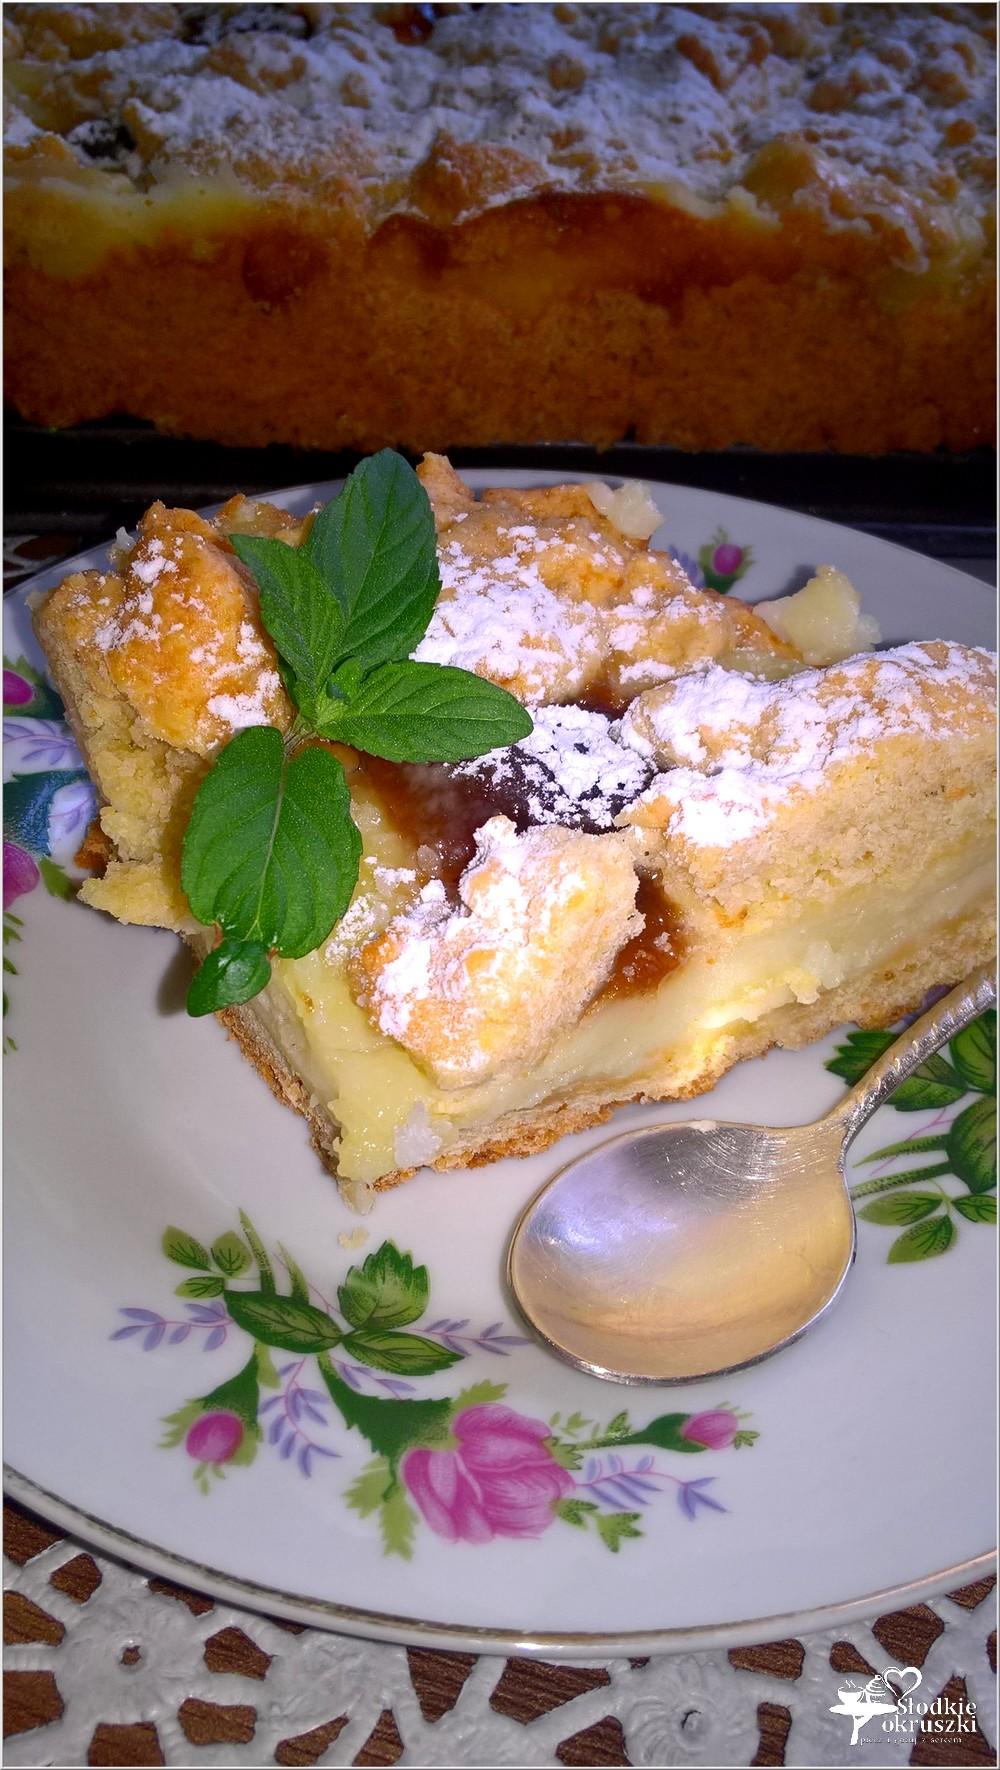 Kruche ciasto z budyniem i marmoladą (1)